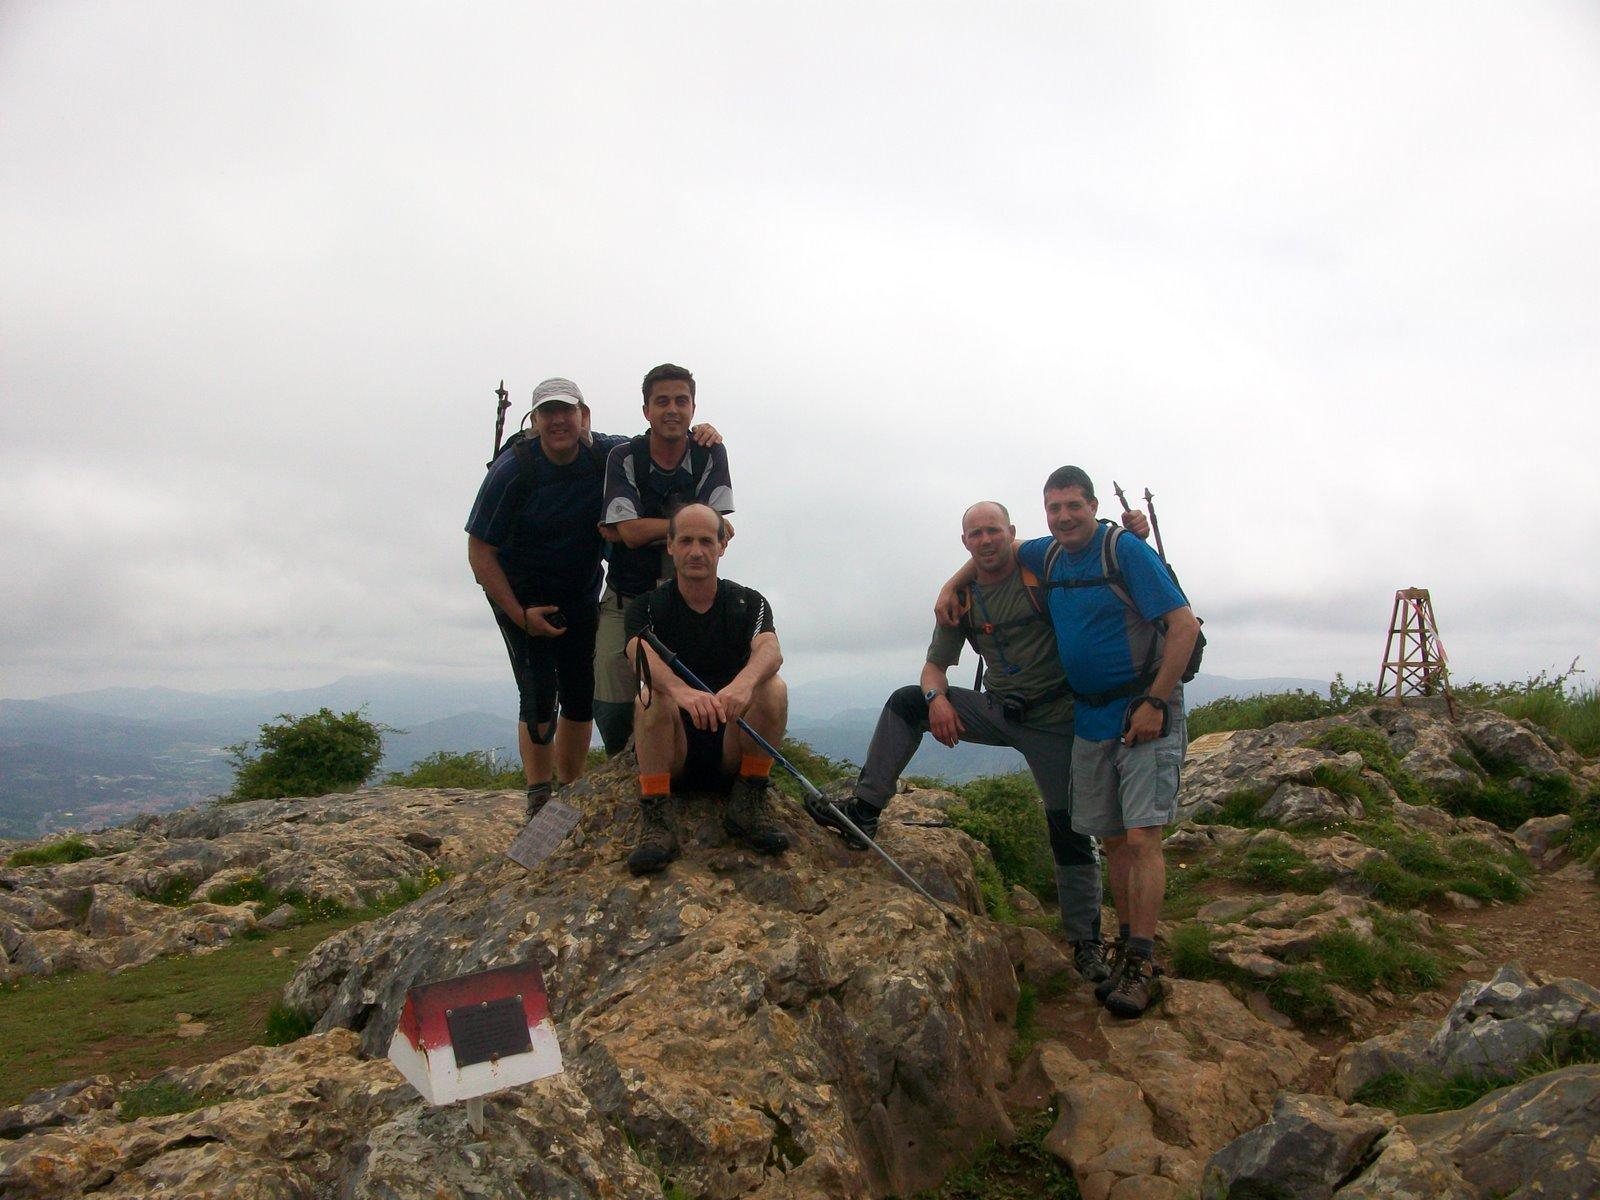 Pagasarri mendiaren gailurra 672 m.  -  2009ko maiatzaren 17an